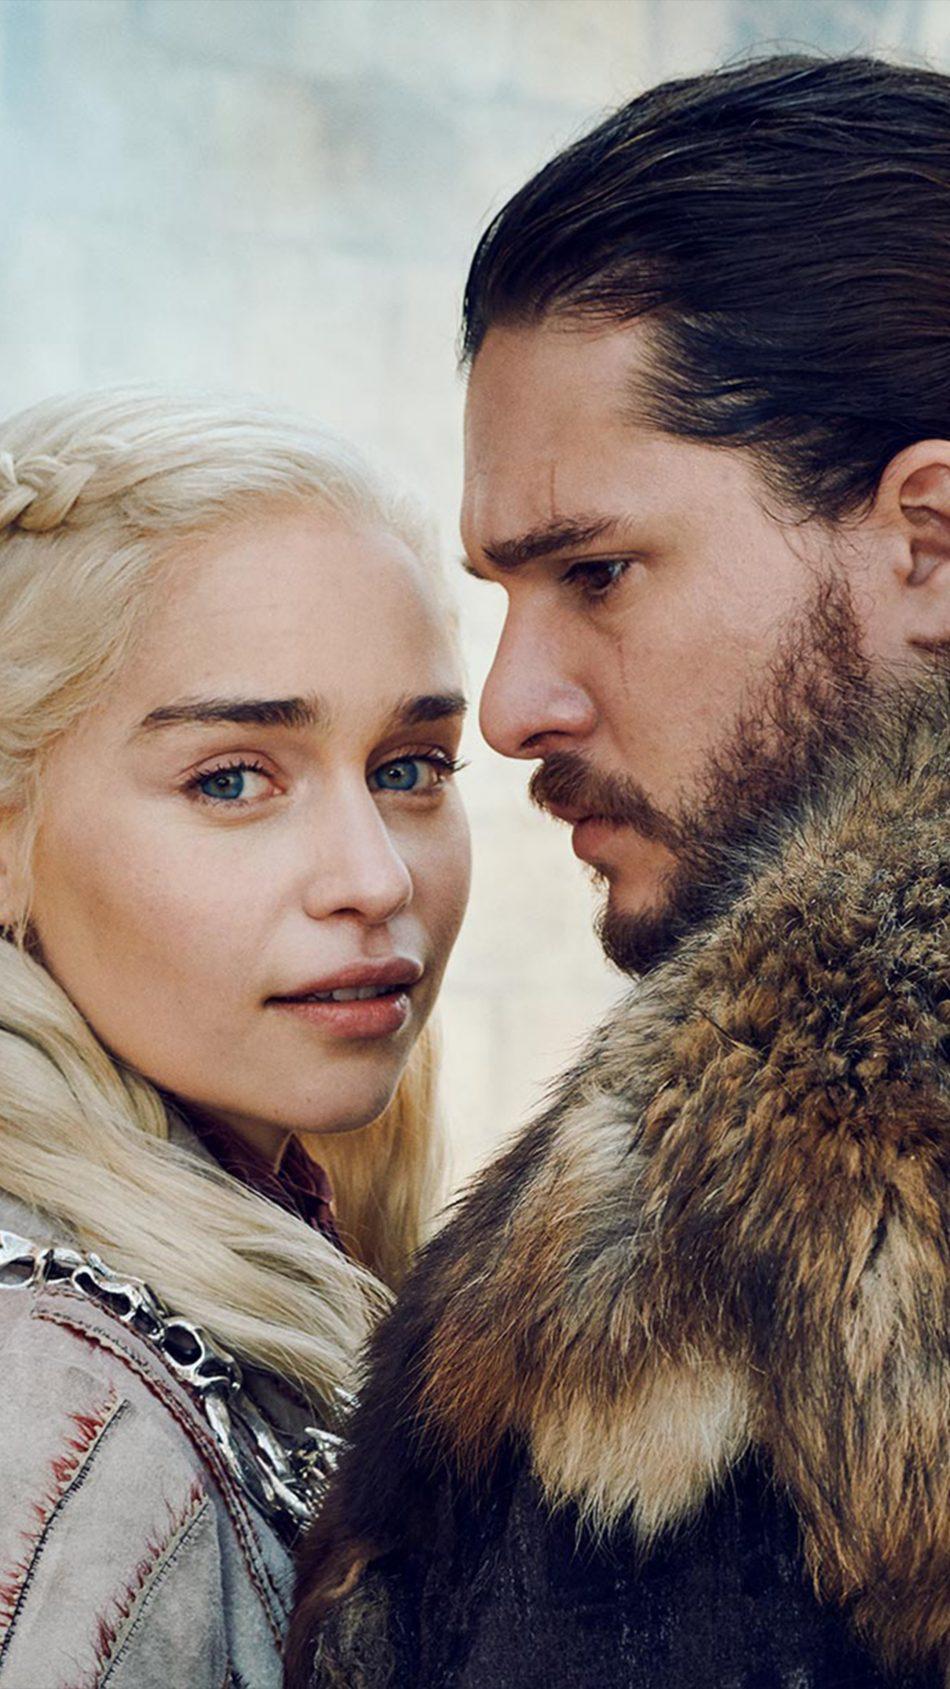 Daenerys Targaryen & Jon Snow Game of Thrones S8 4K Ultra HD Mobile Wallpaper